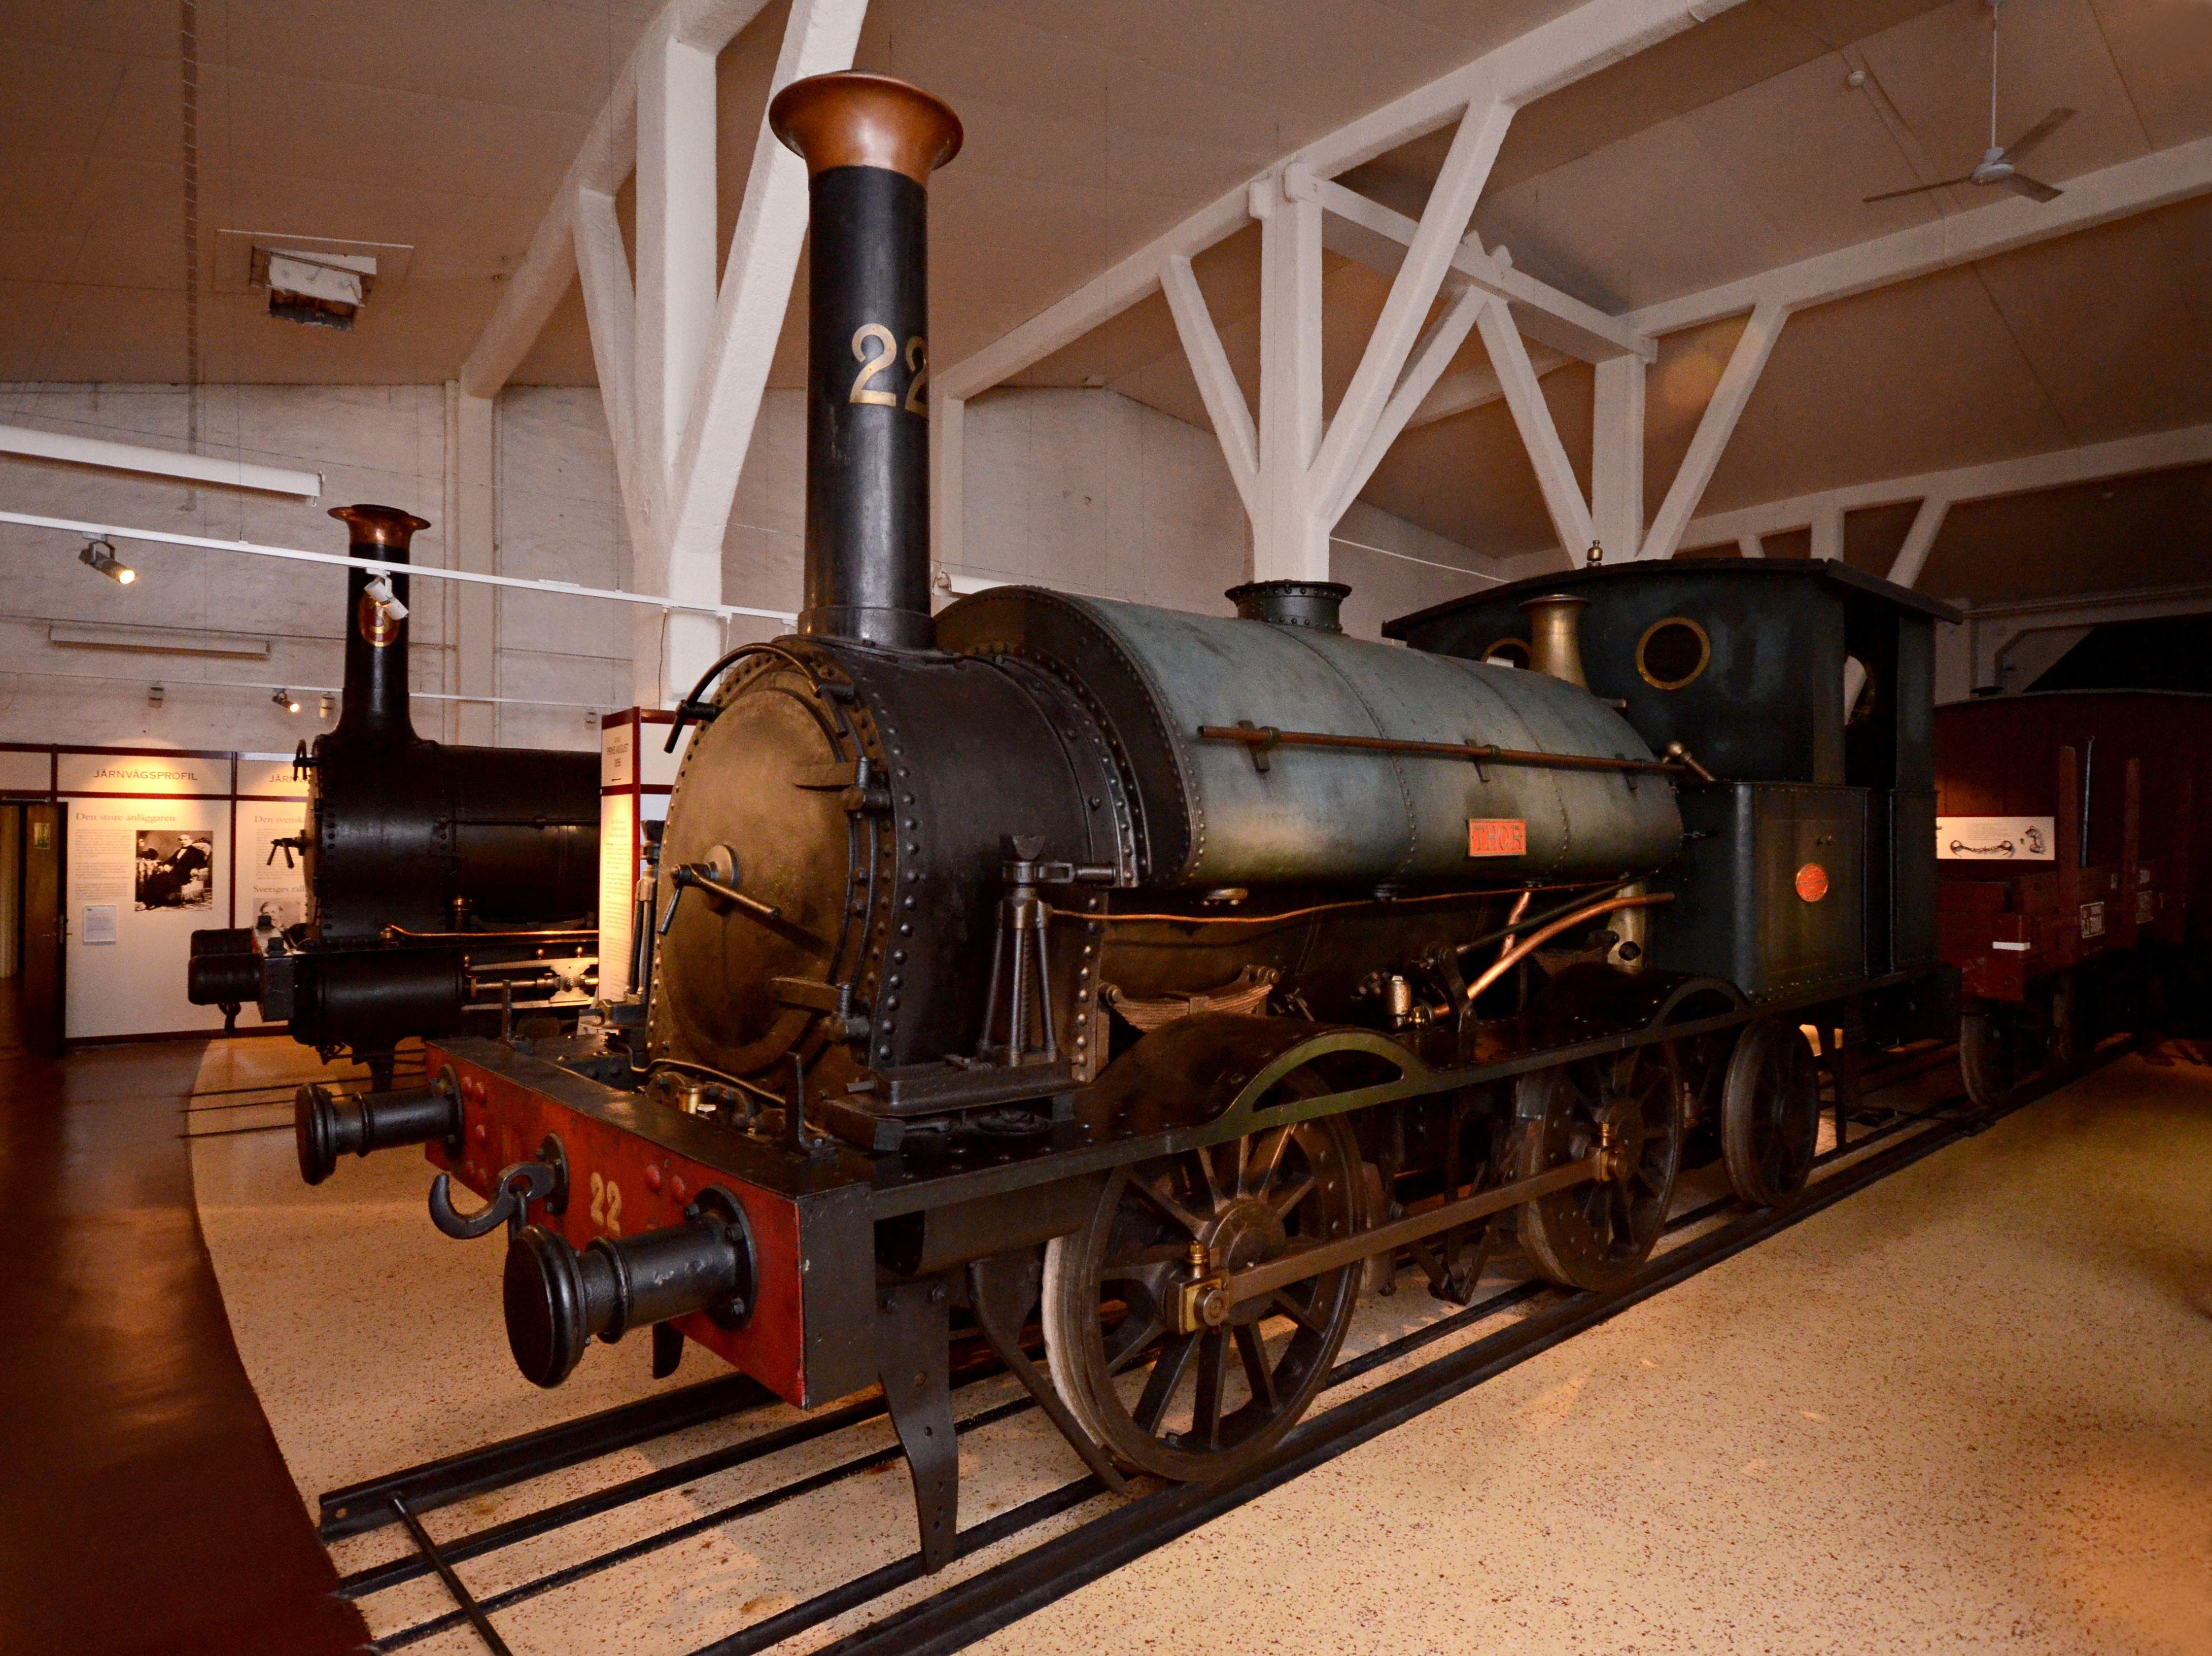 © Sveriges Järnvägsmuseum, Några av de ånglok som finns i utställningen